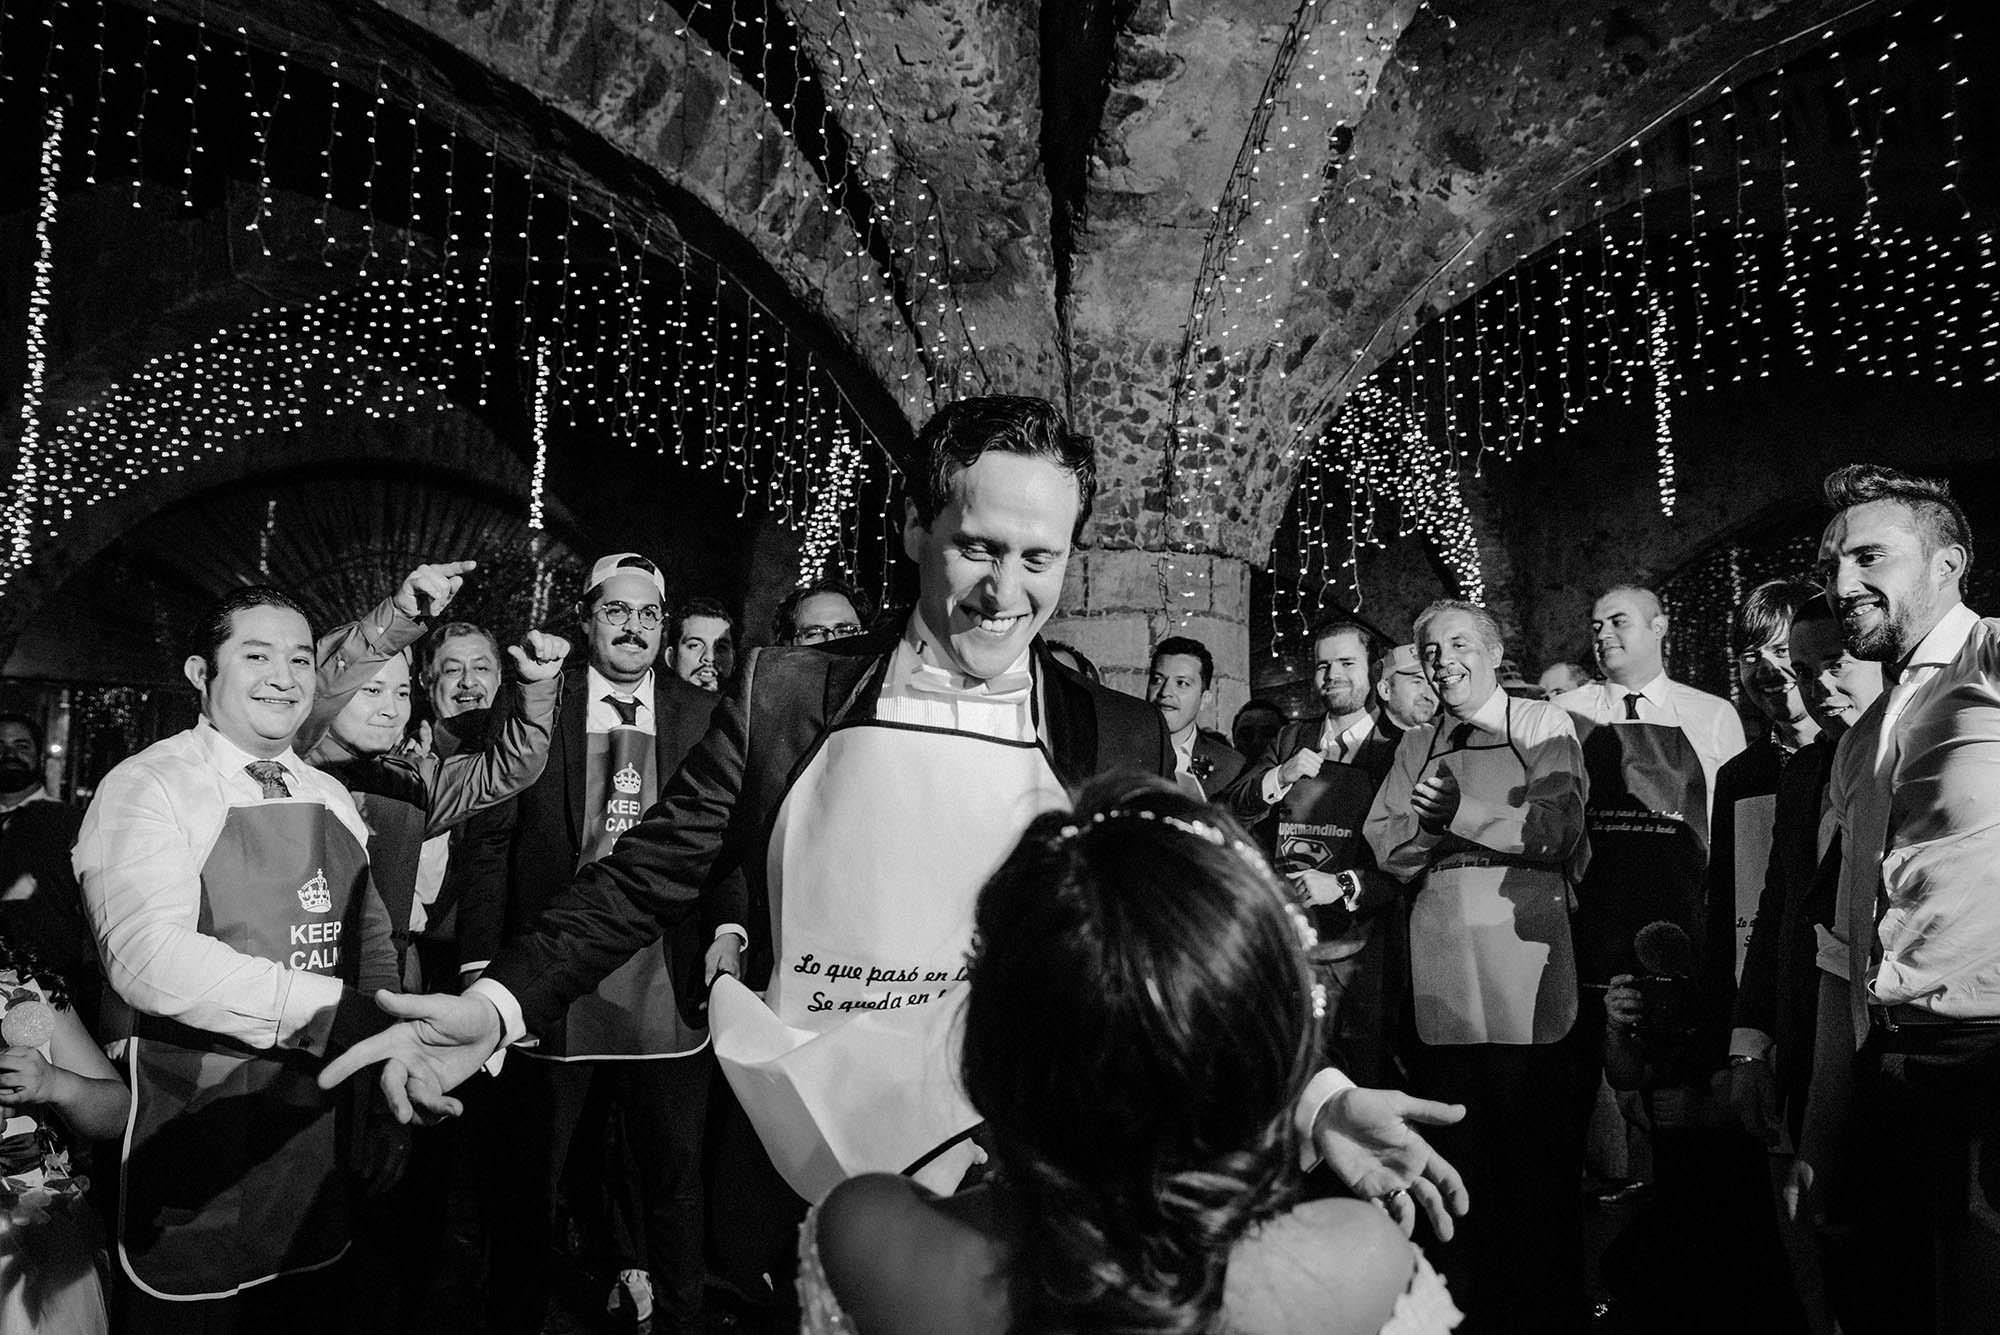 Boda Queretaro hacienda wedding planner magali espinosa fotografo 49-WEB.jpg